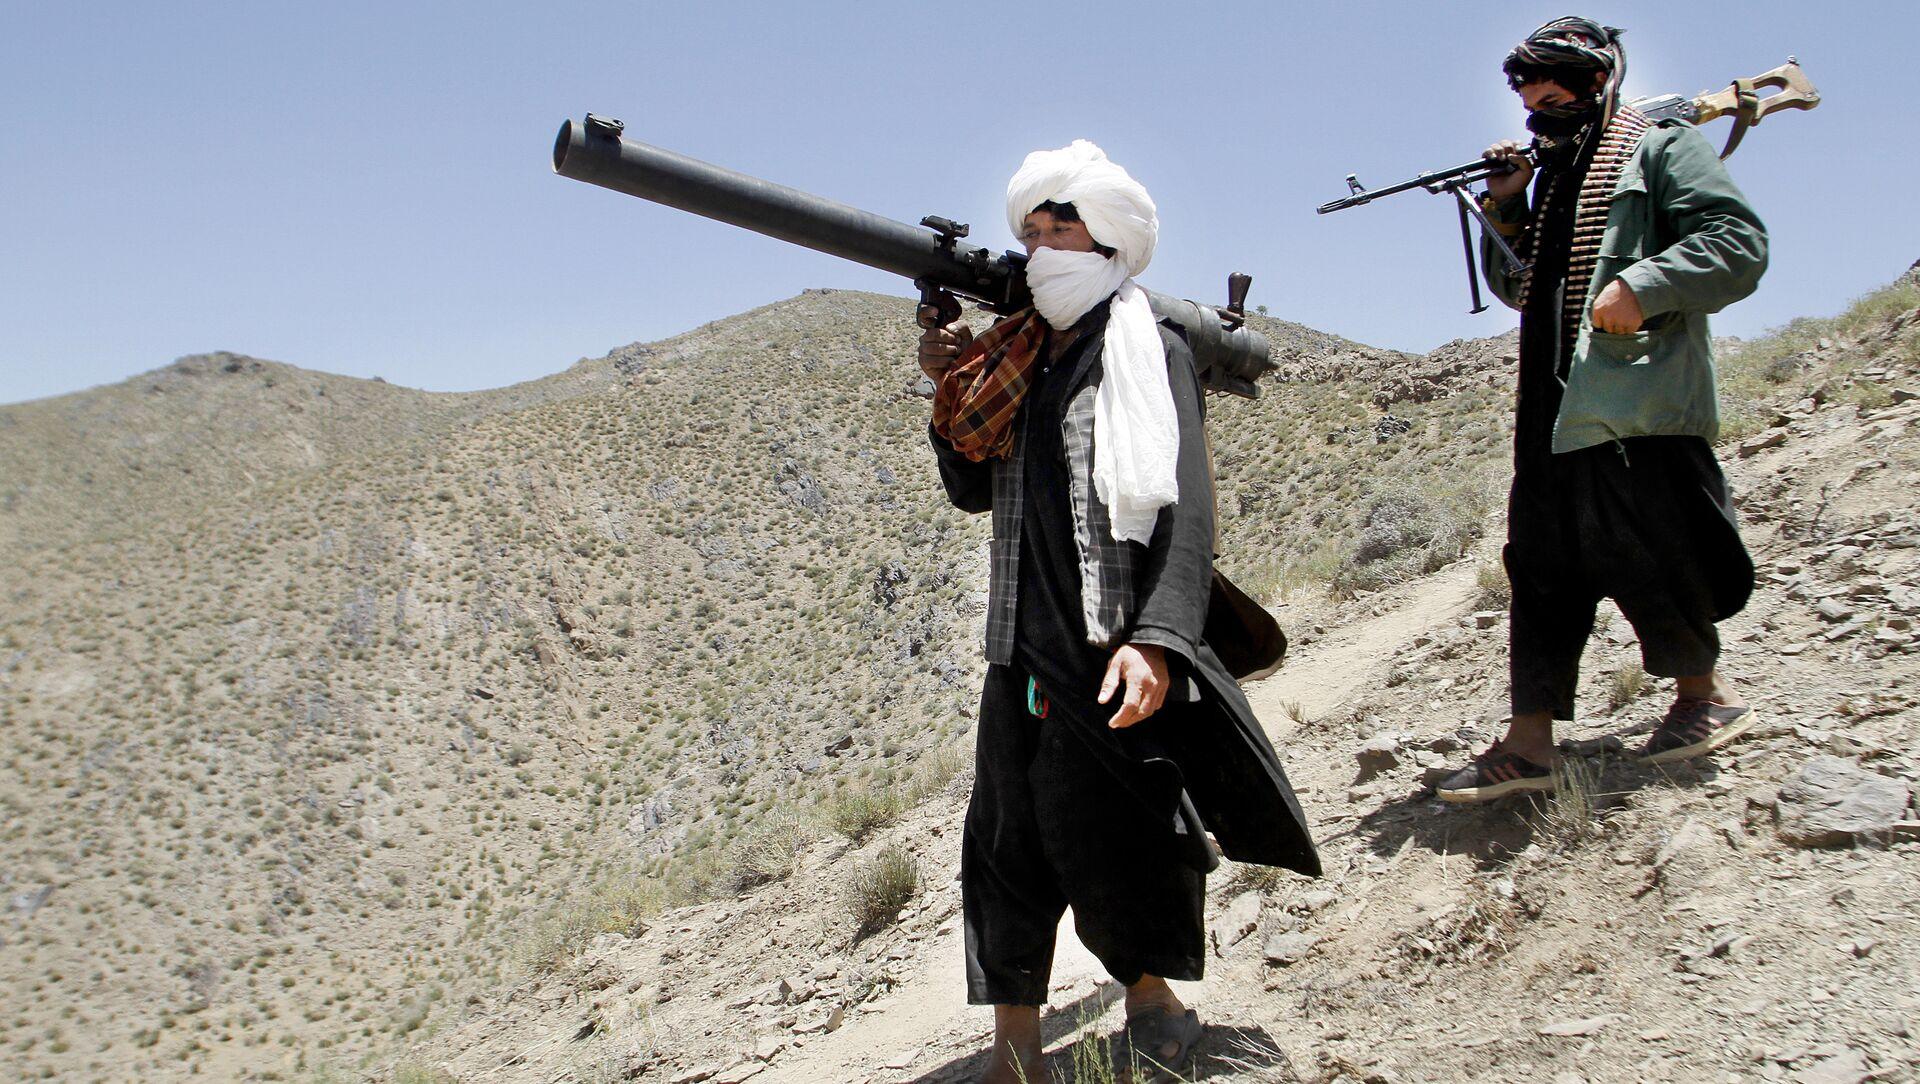 Des talibans en Afghanistan - Sputnik France, 1920, 16.08.2021